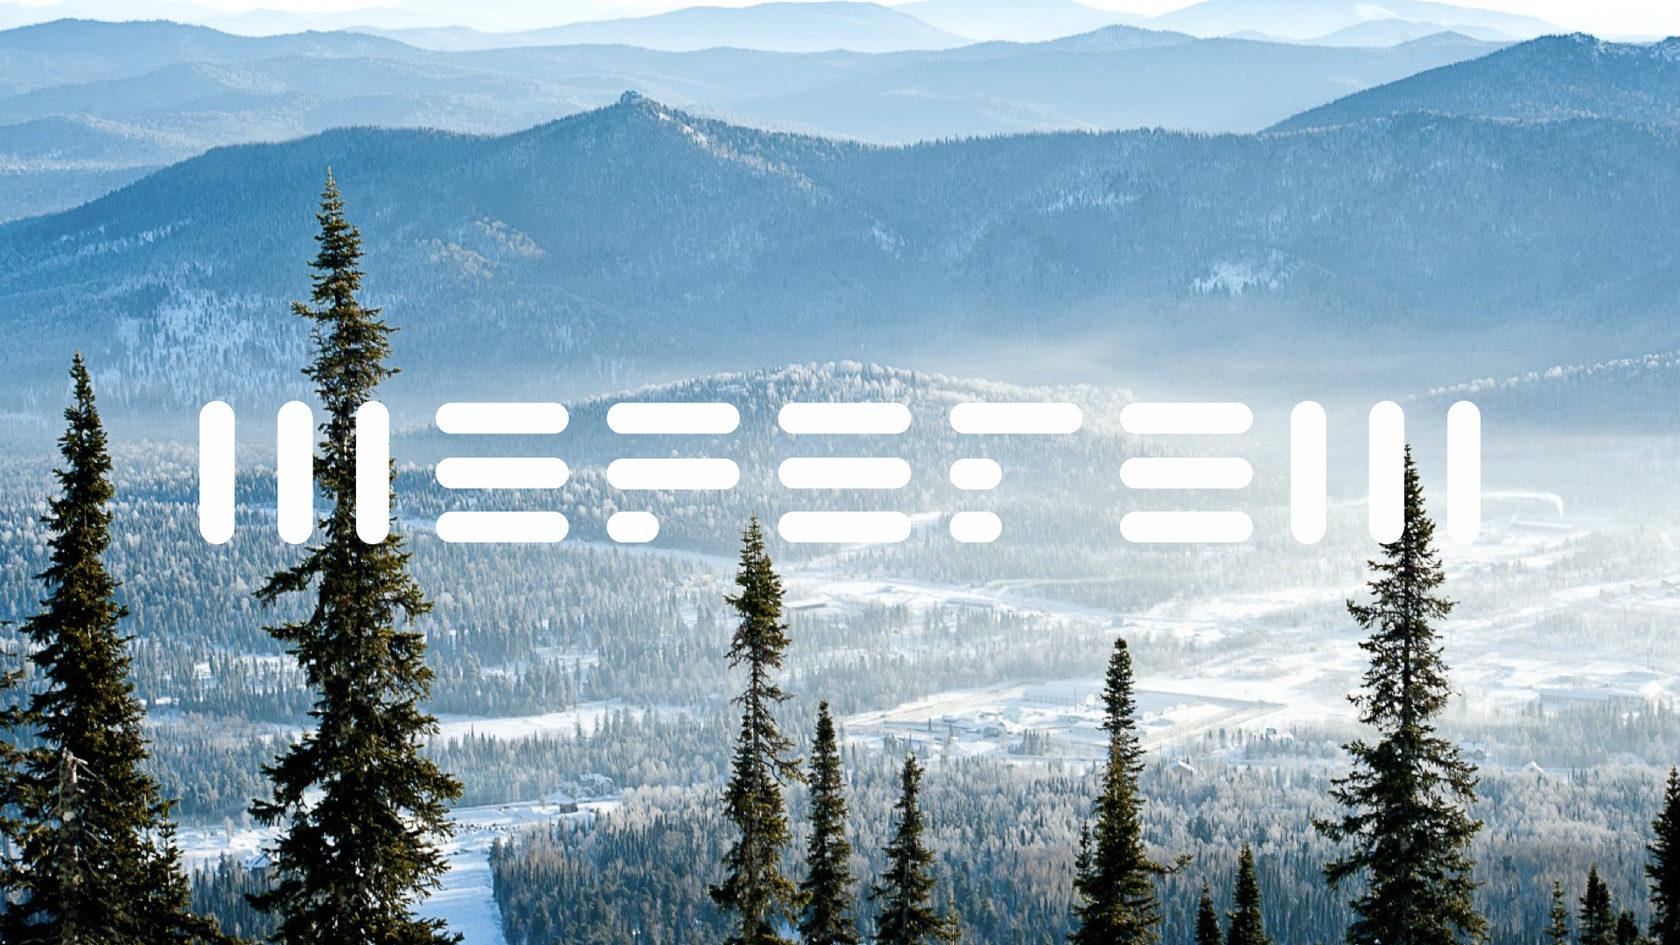 Дизайнеры объяснили, что форма написания напоминает доски для сноуборда и снежные наплывы